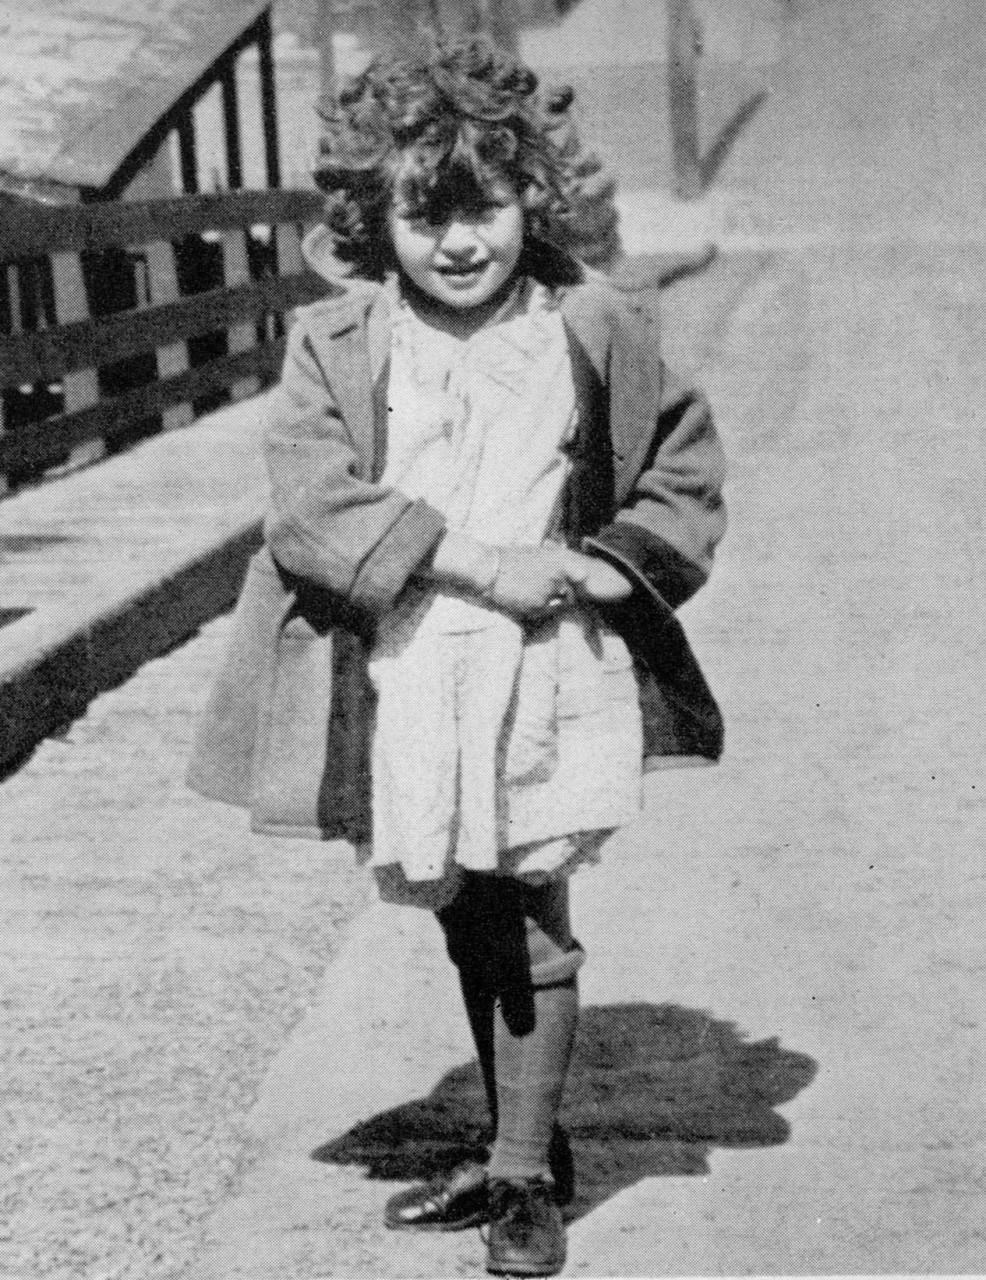 История дочери шахтера, которая стала звездой Голливуда и мечтой американских солдат